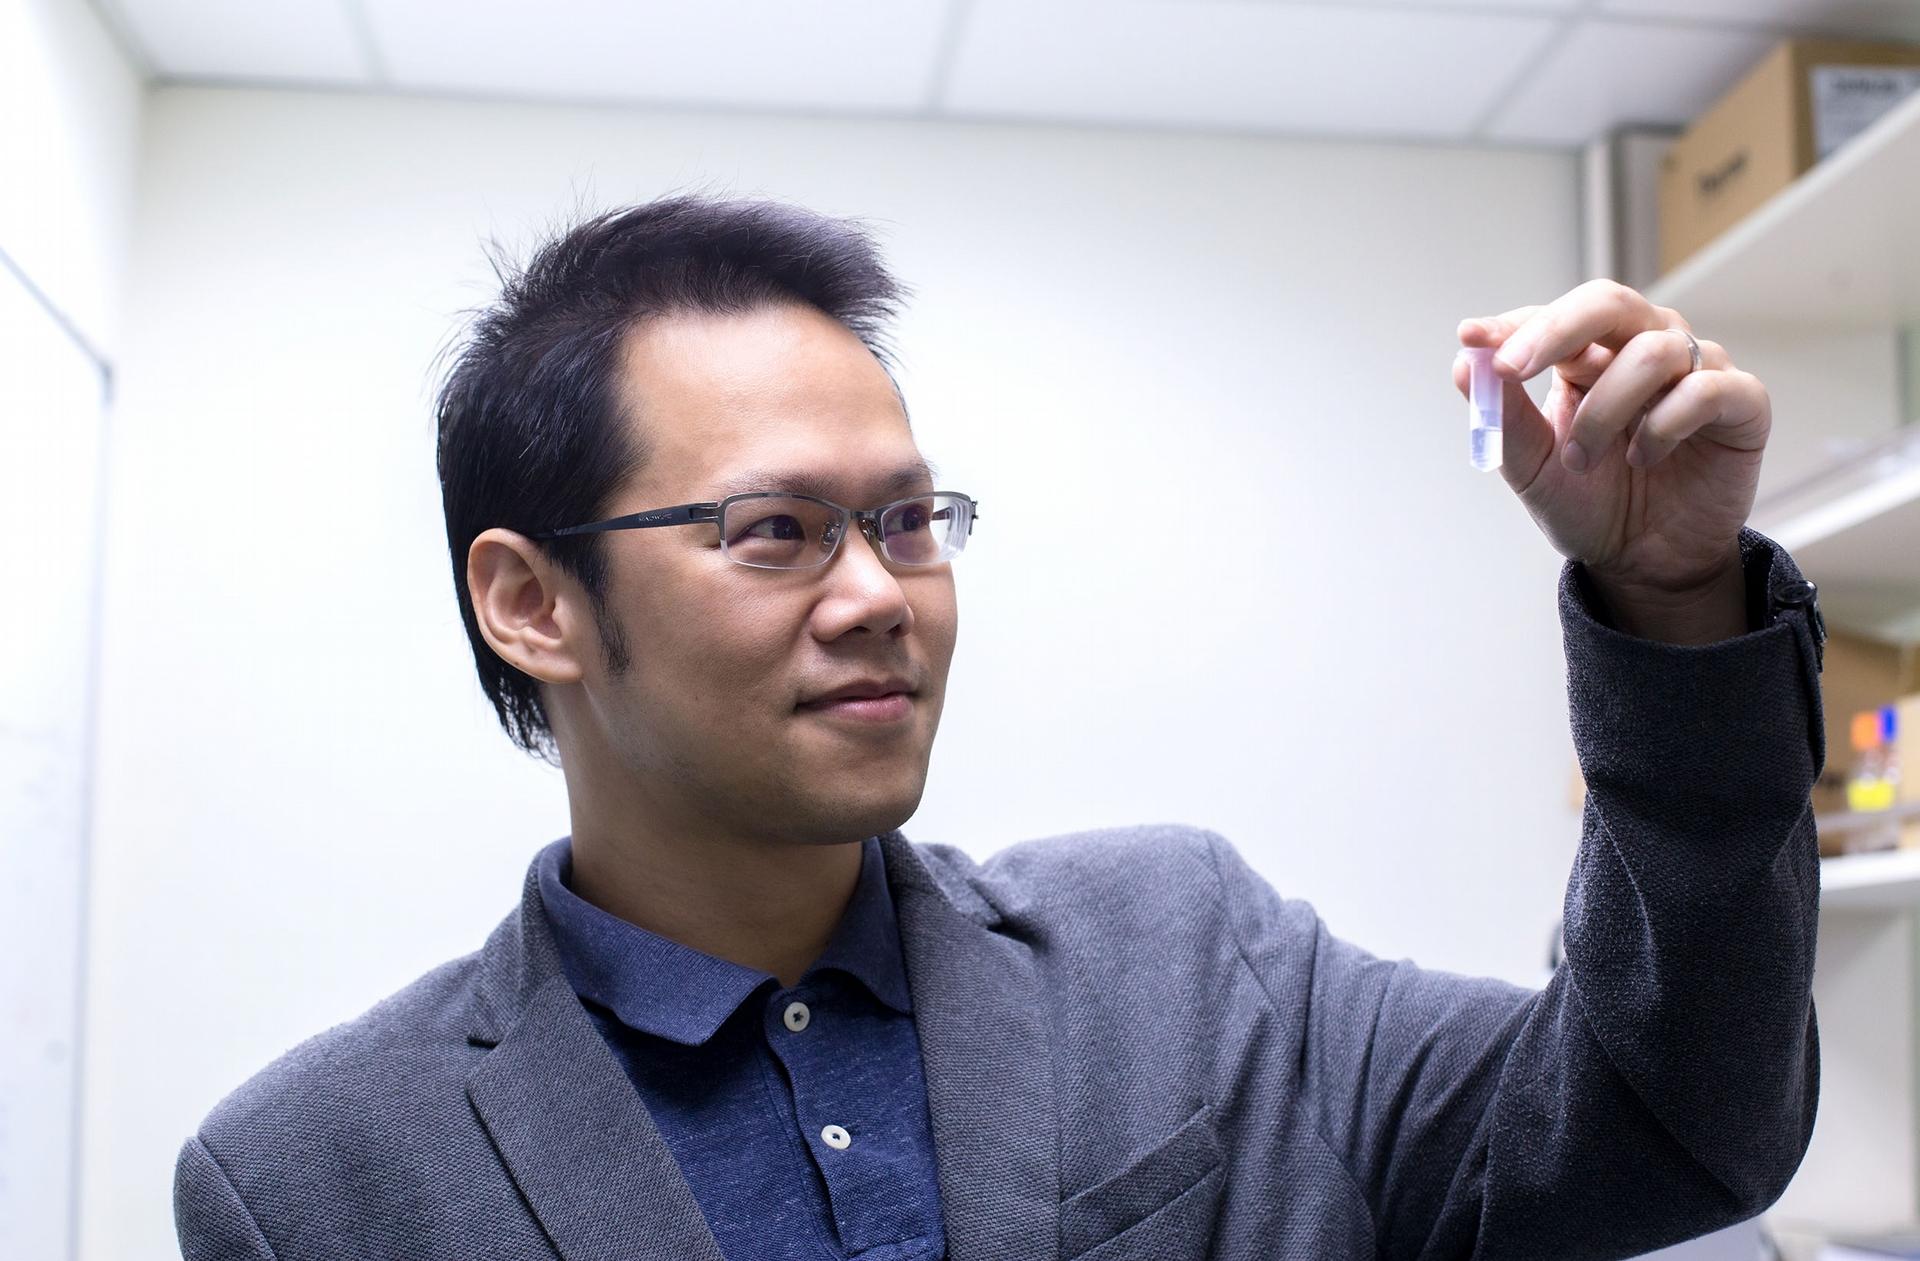 胡哲銘看著自己發明的冠狀病毒奈米疫苗,小小的容器裡充滿了 10,000,000,000,000 個薄殼中空奈米粒子。 攝影│林洵安